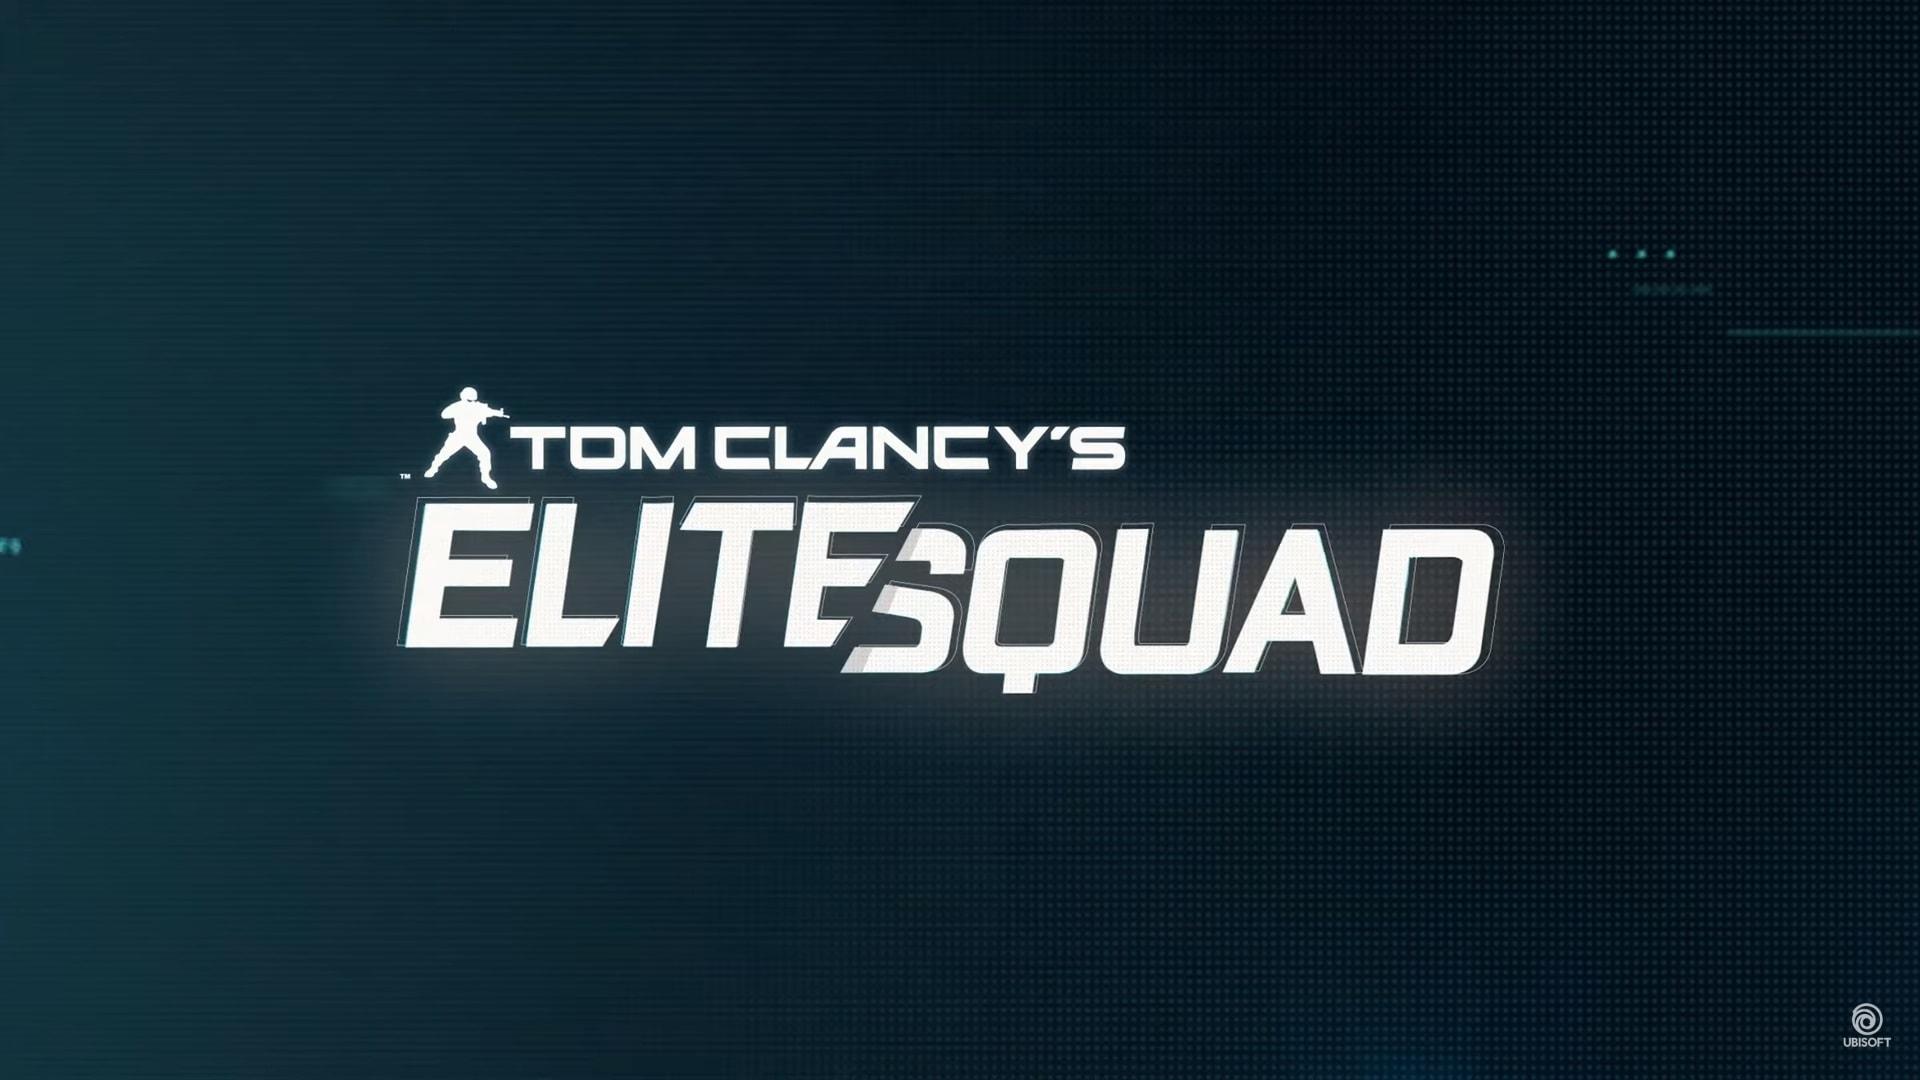 elite squad tom clancy's ubisoft